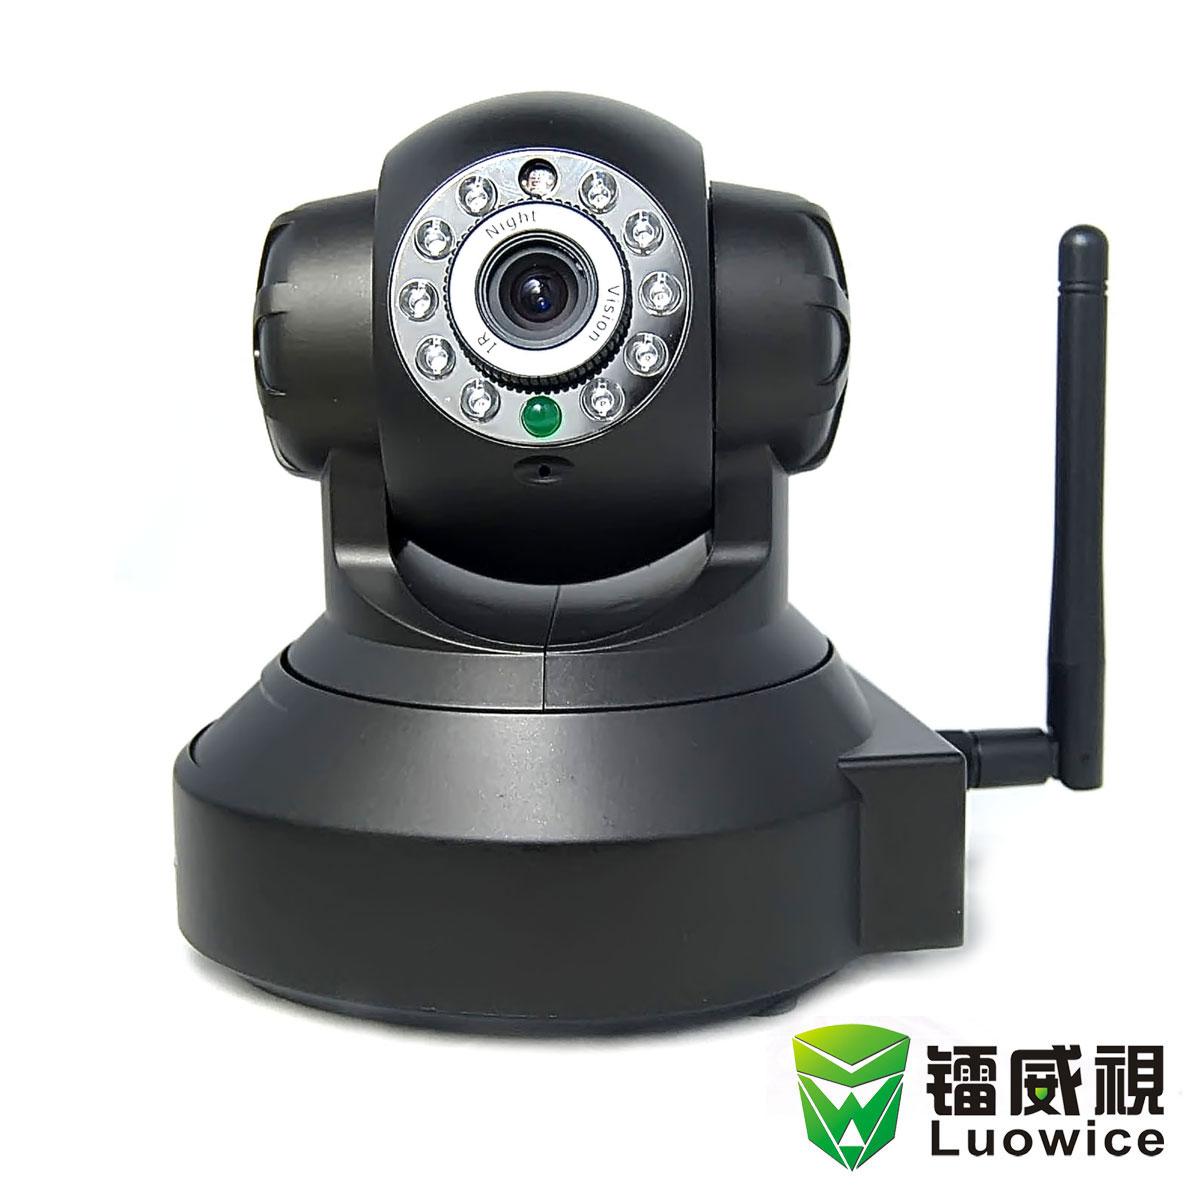 无线远程手机监控摄像机